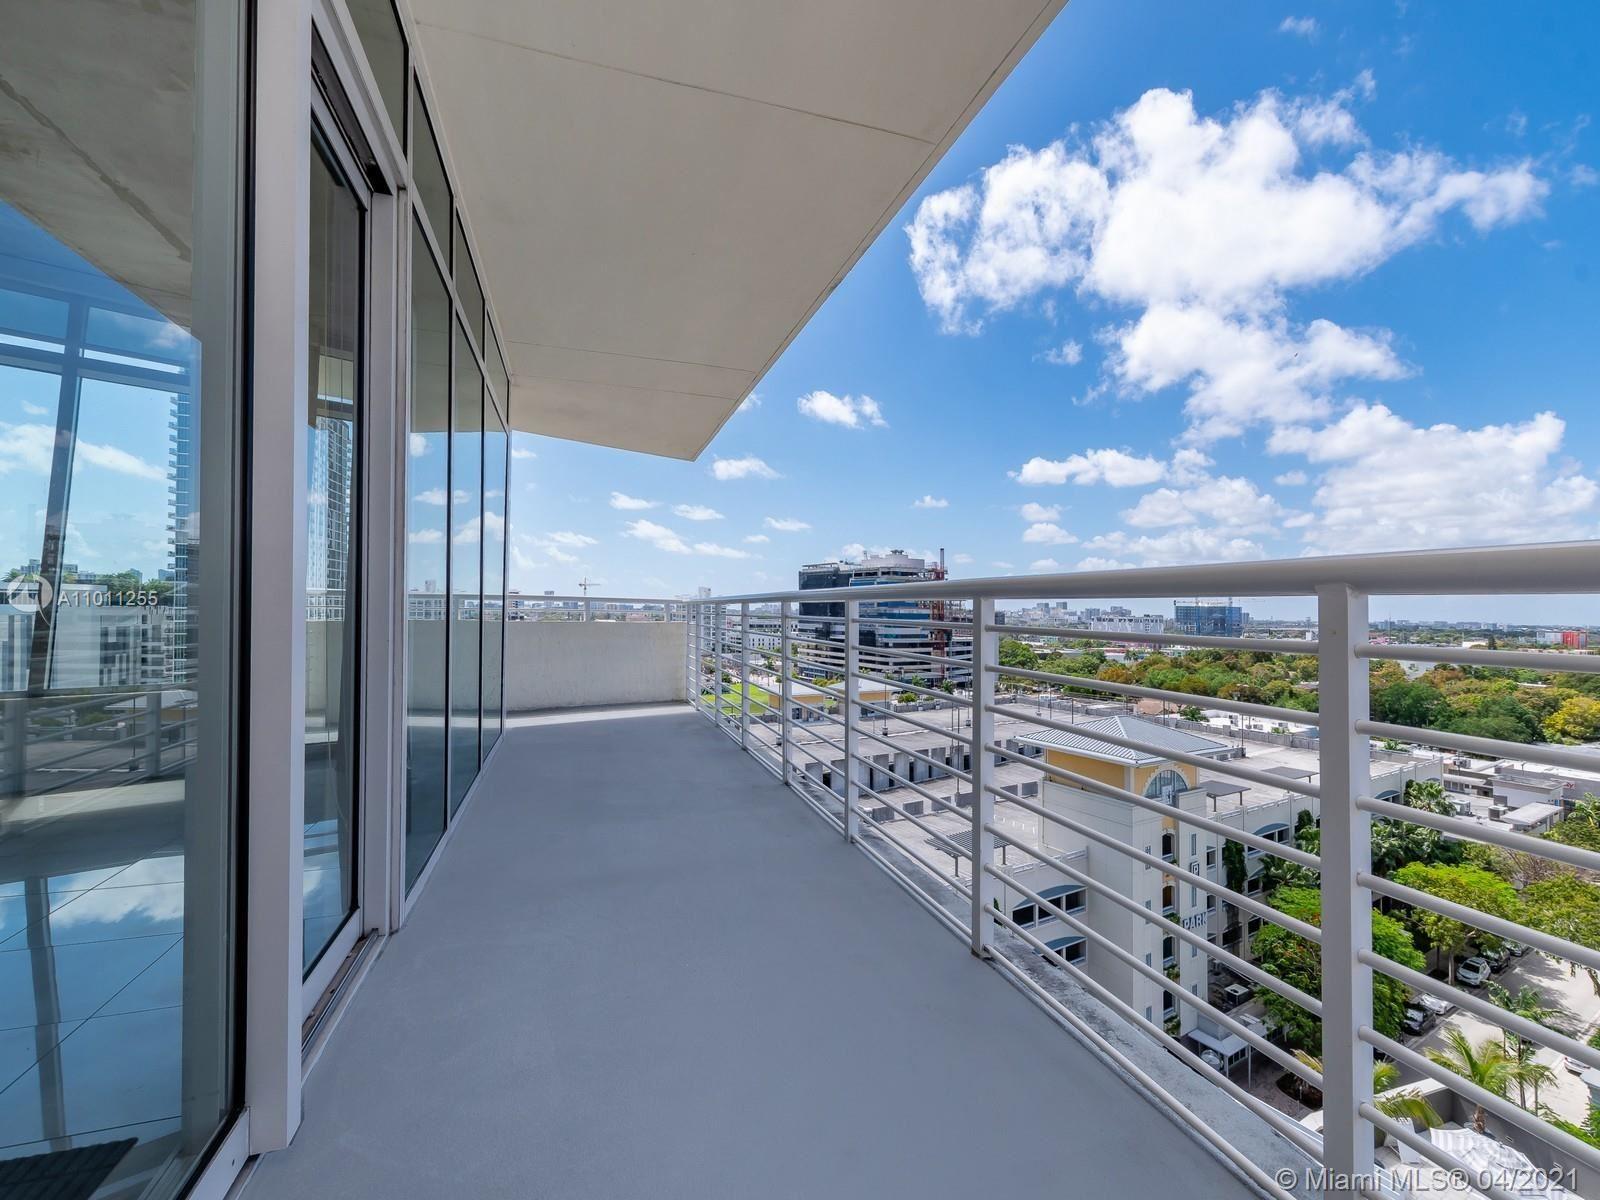 3250 NE 1st Ave #1015, Miami, FL 33137 - #: A11011255